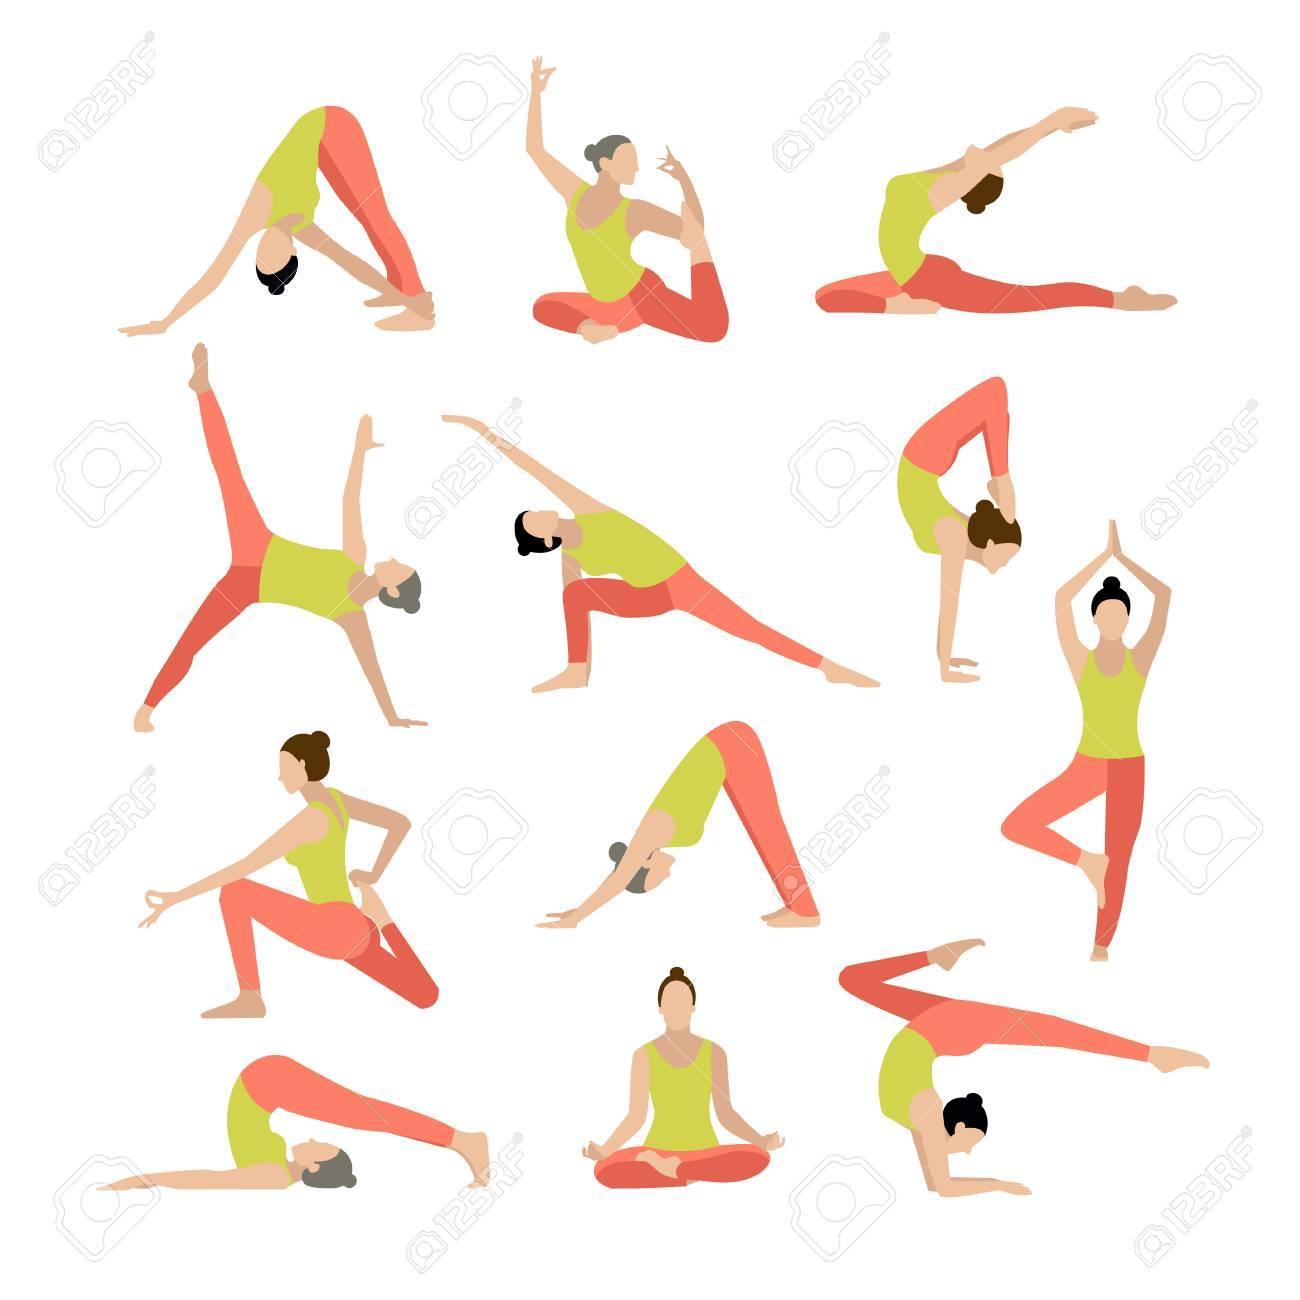 ベクトル ヨガ イラスト ヨガはヨガの練習女性ヨガ ヨガ クラス ヨガ